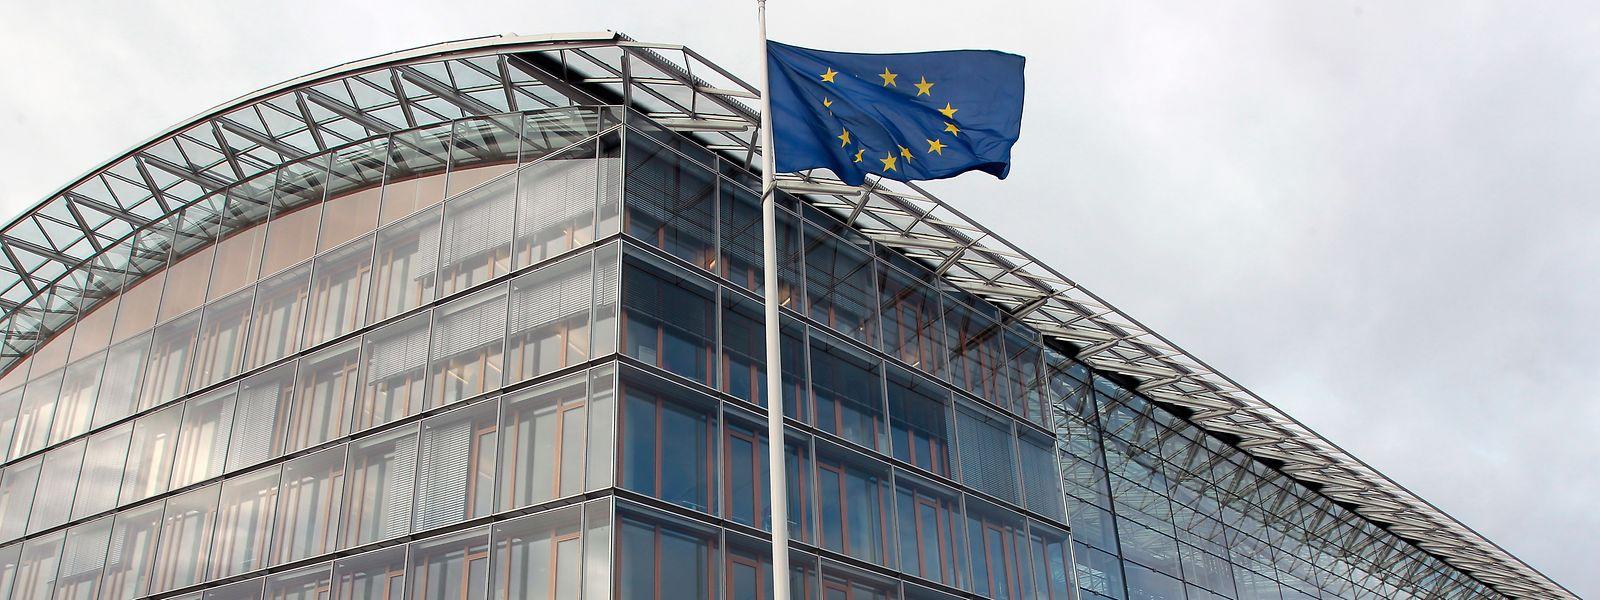 Die Europäische Investmentbank hat ein Paket von Unterstützungsmaßnahmen für europäische Firmen beschlossen.